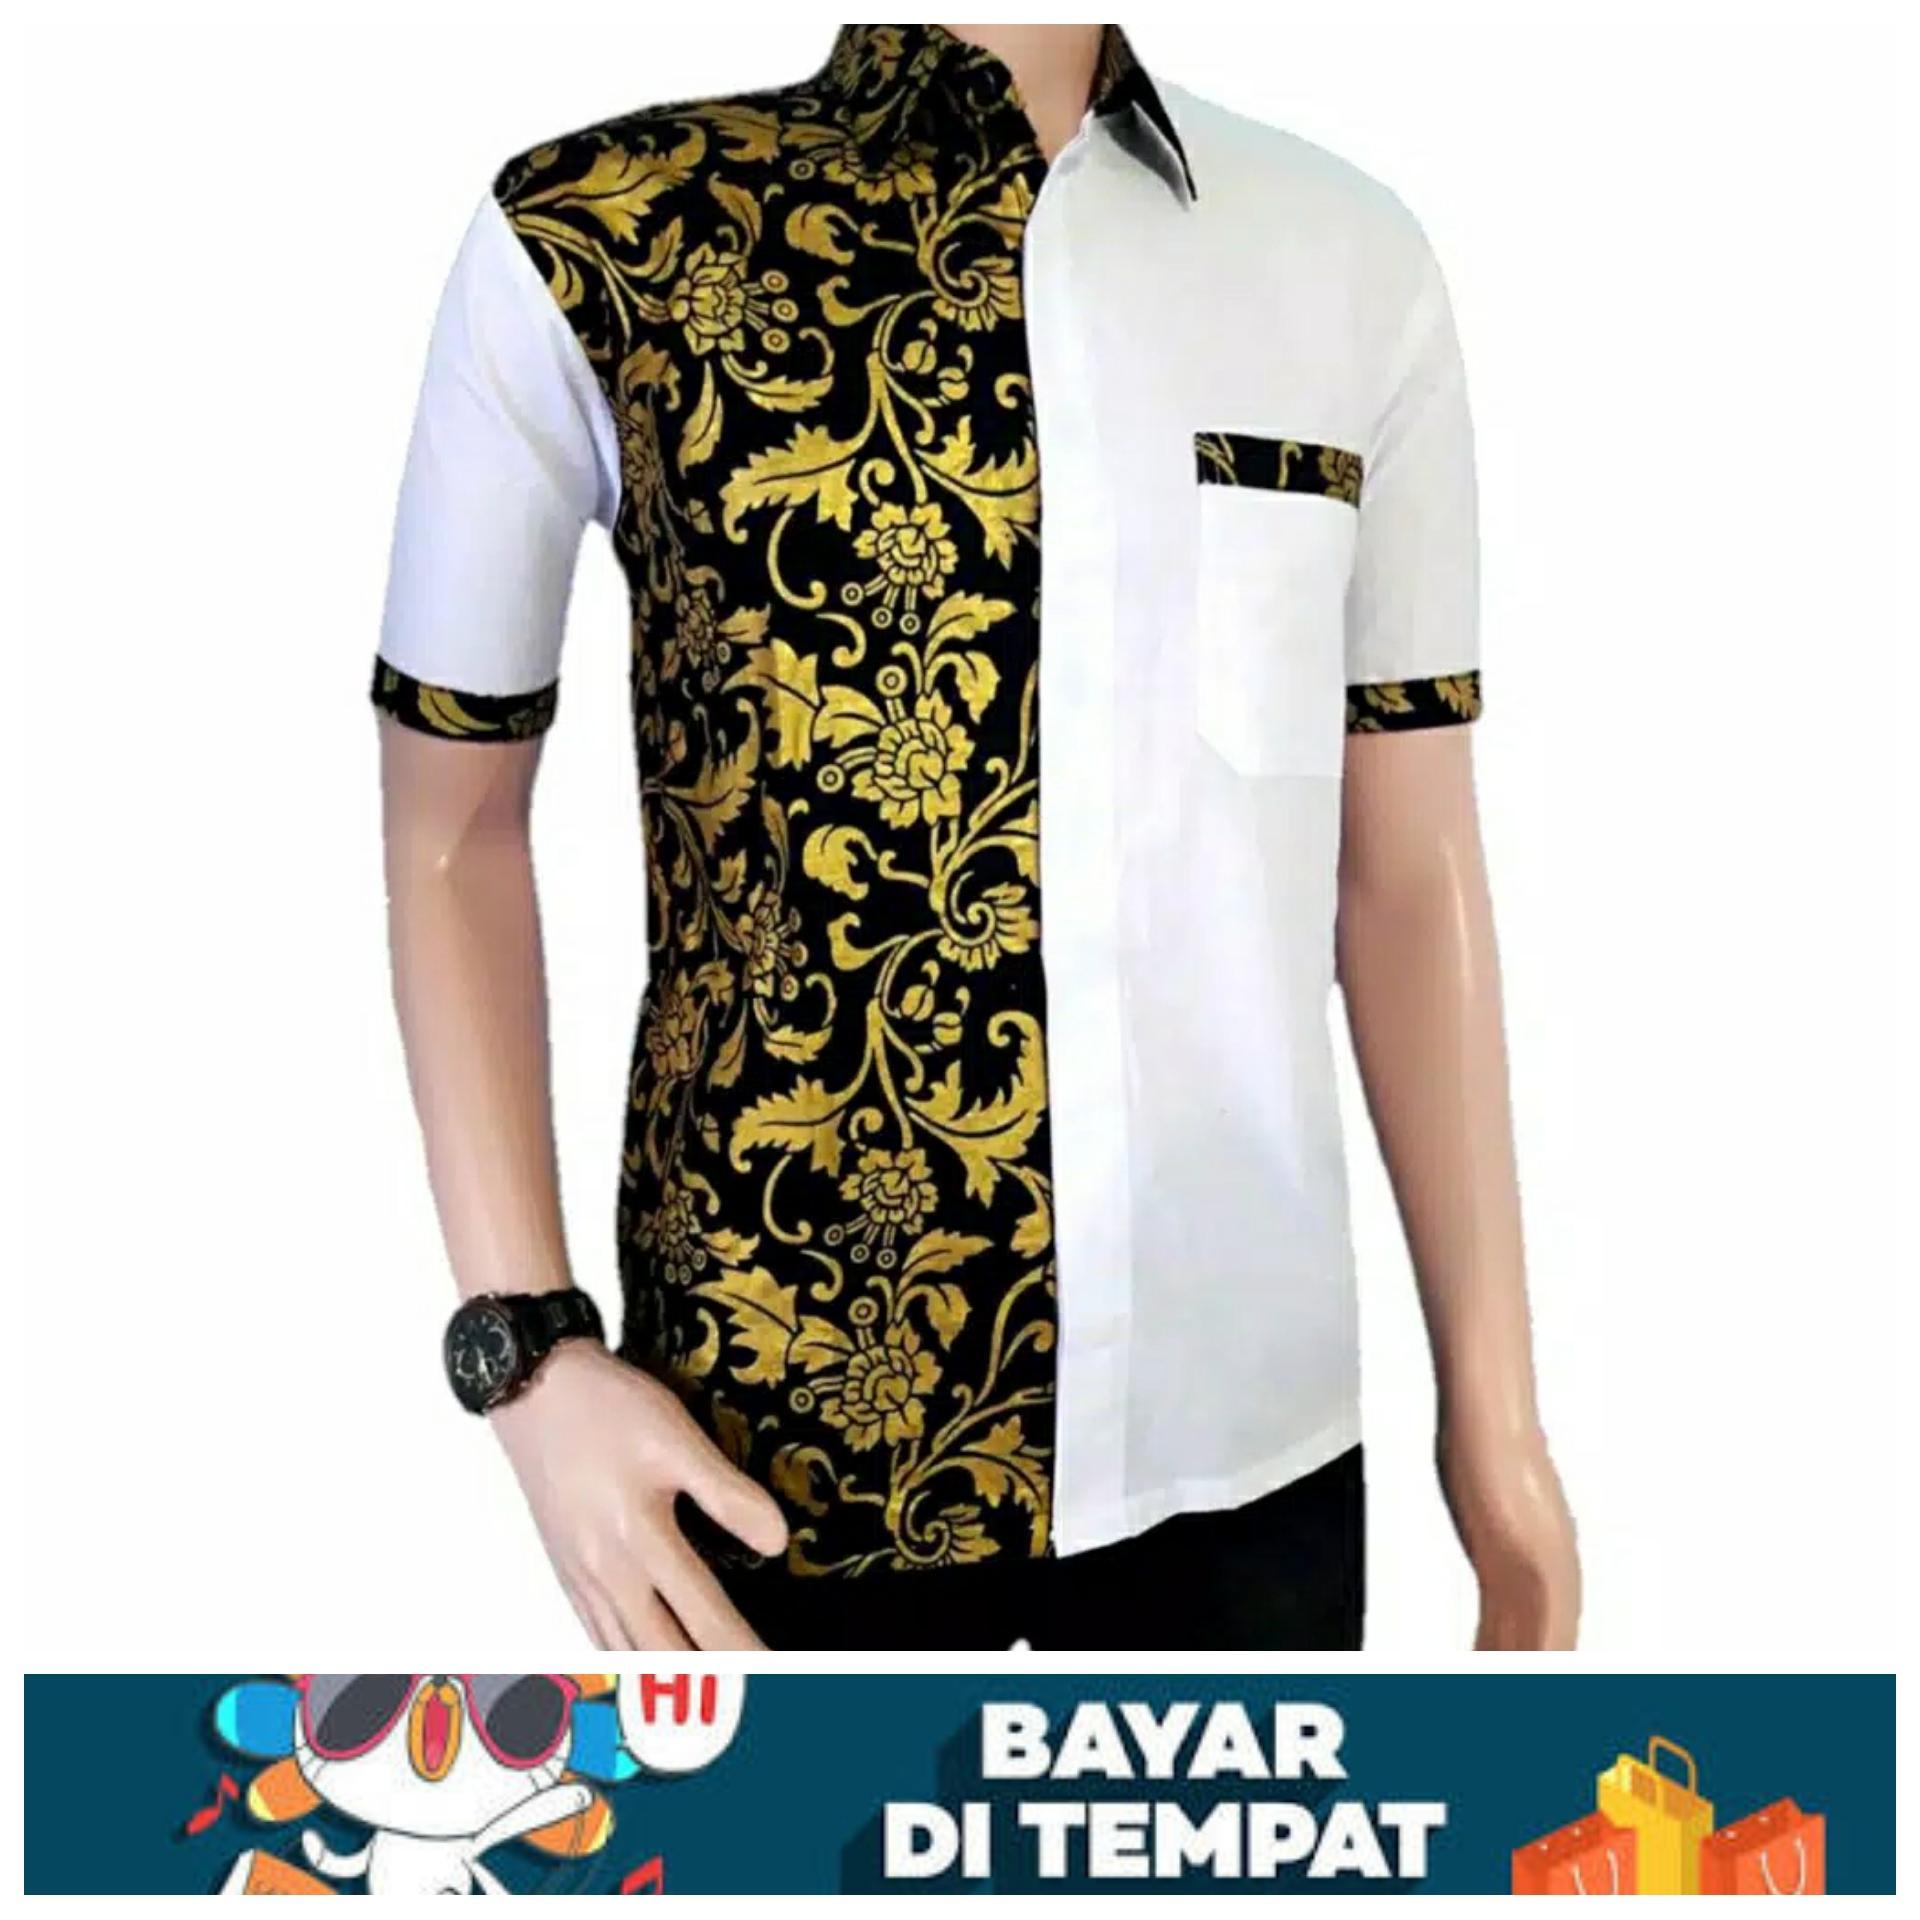 Batik Pria Batik Pekalongan Kemeja Batik Pria Lengan Pendek Baju Batik Pria Kemeja Pria Kombinasi Miring Lengan Pendek